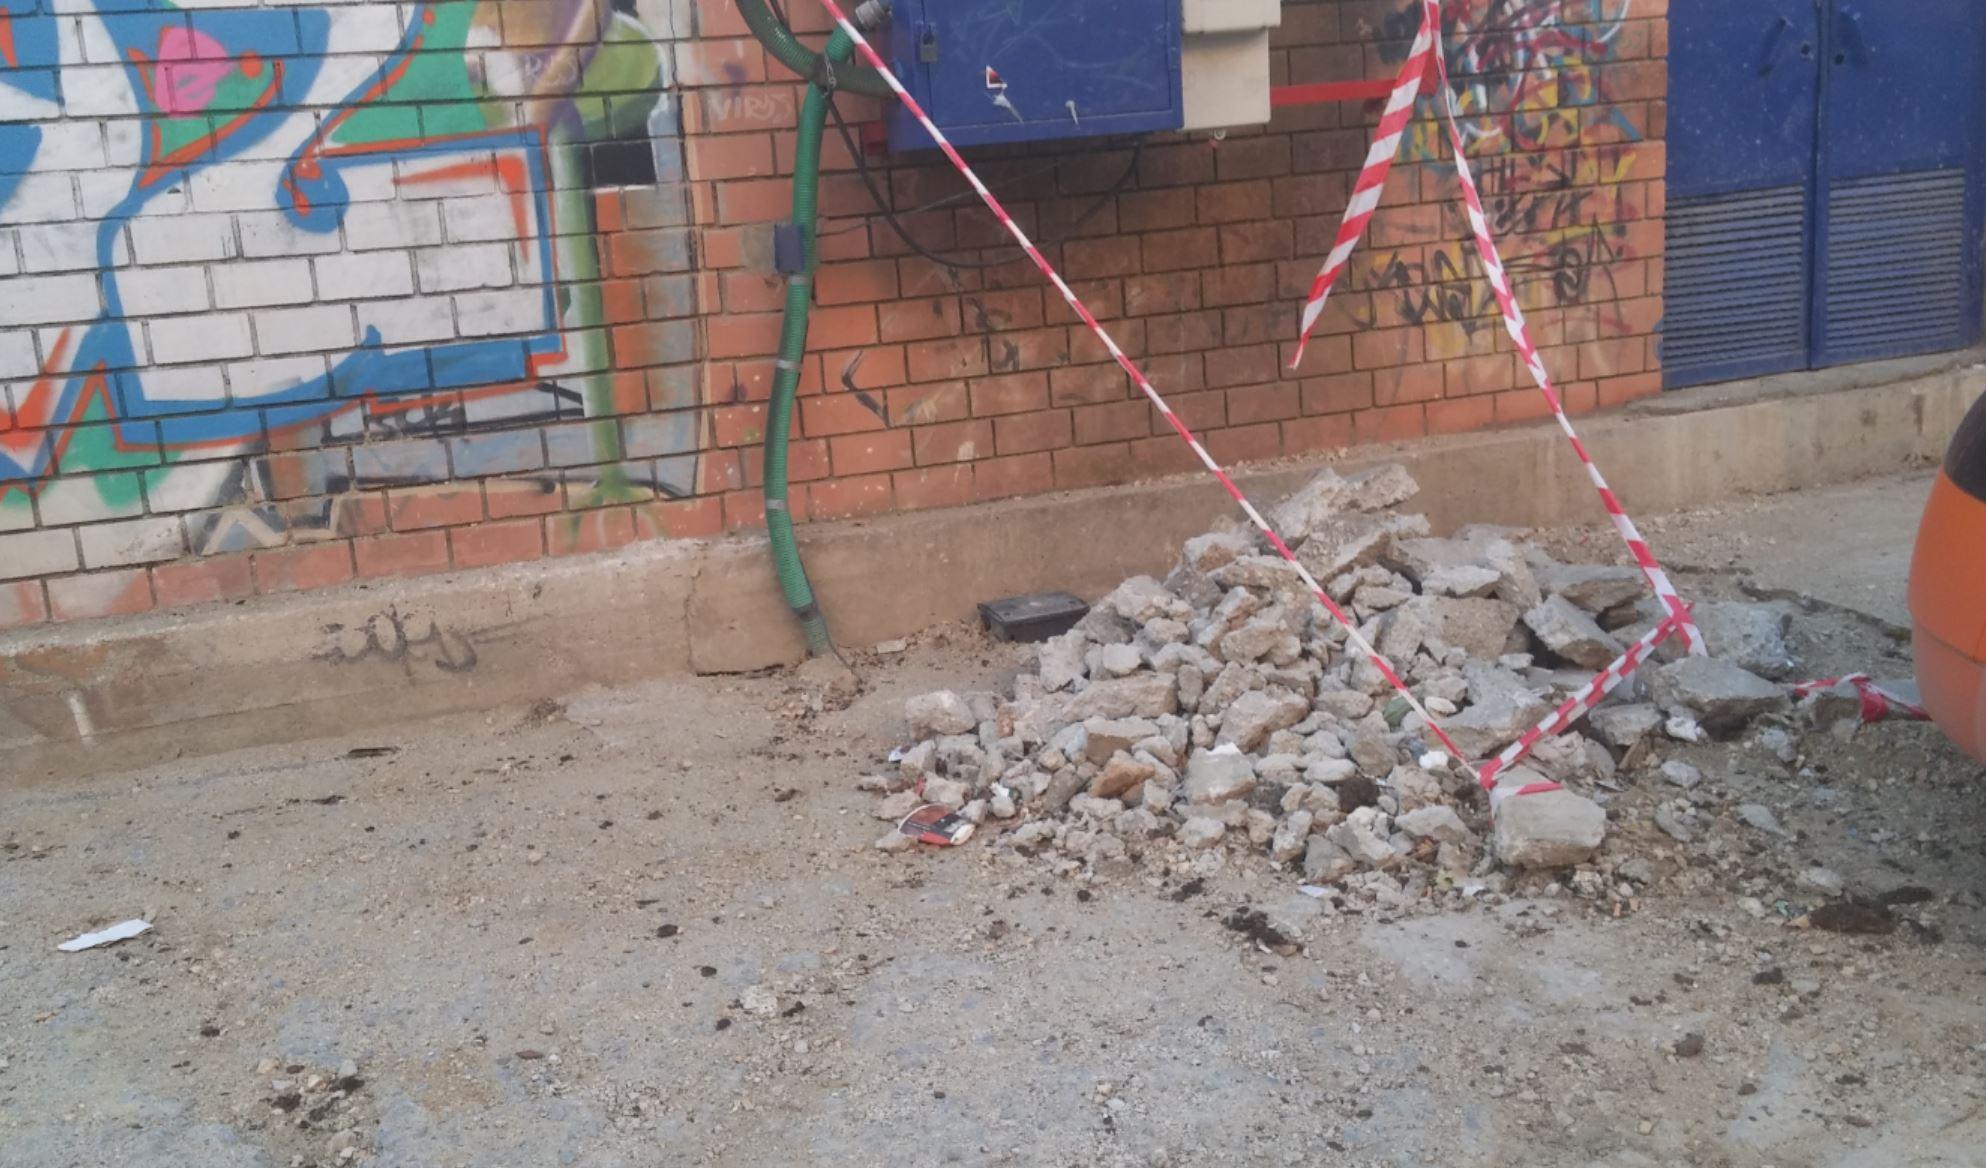 Επιστολή αναγνώστη στο kozan.gr:  Πτολεμαίδα: Άφησαν τα μπάζα εκεί με μια κορδέλα (Φωτογραφία)